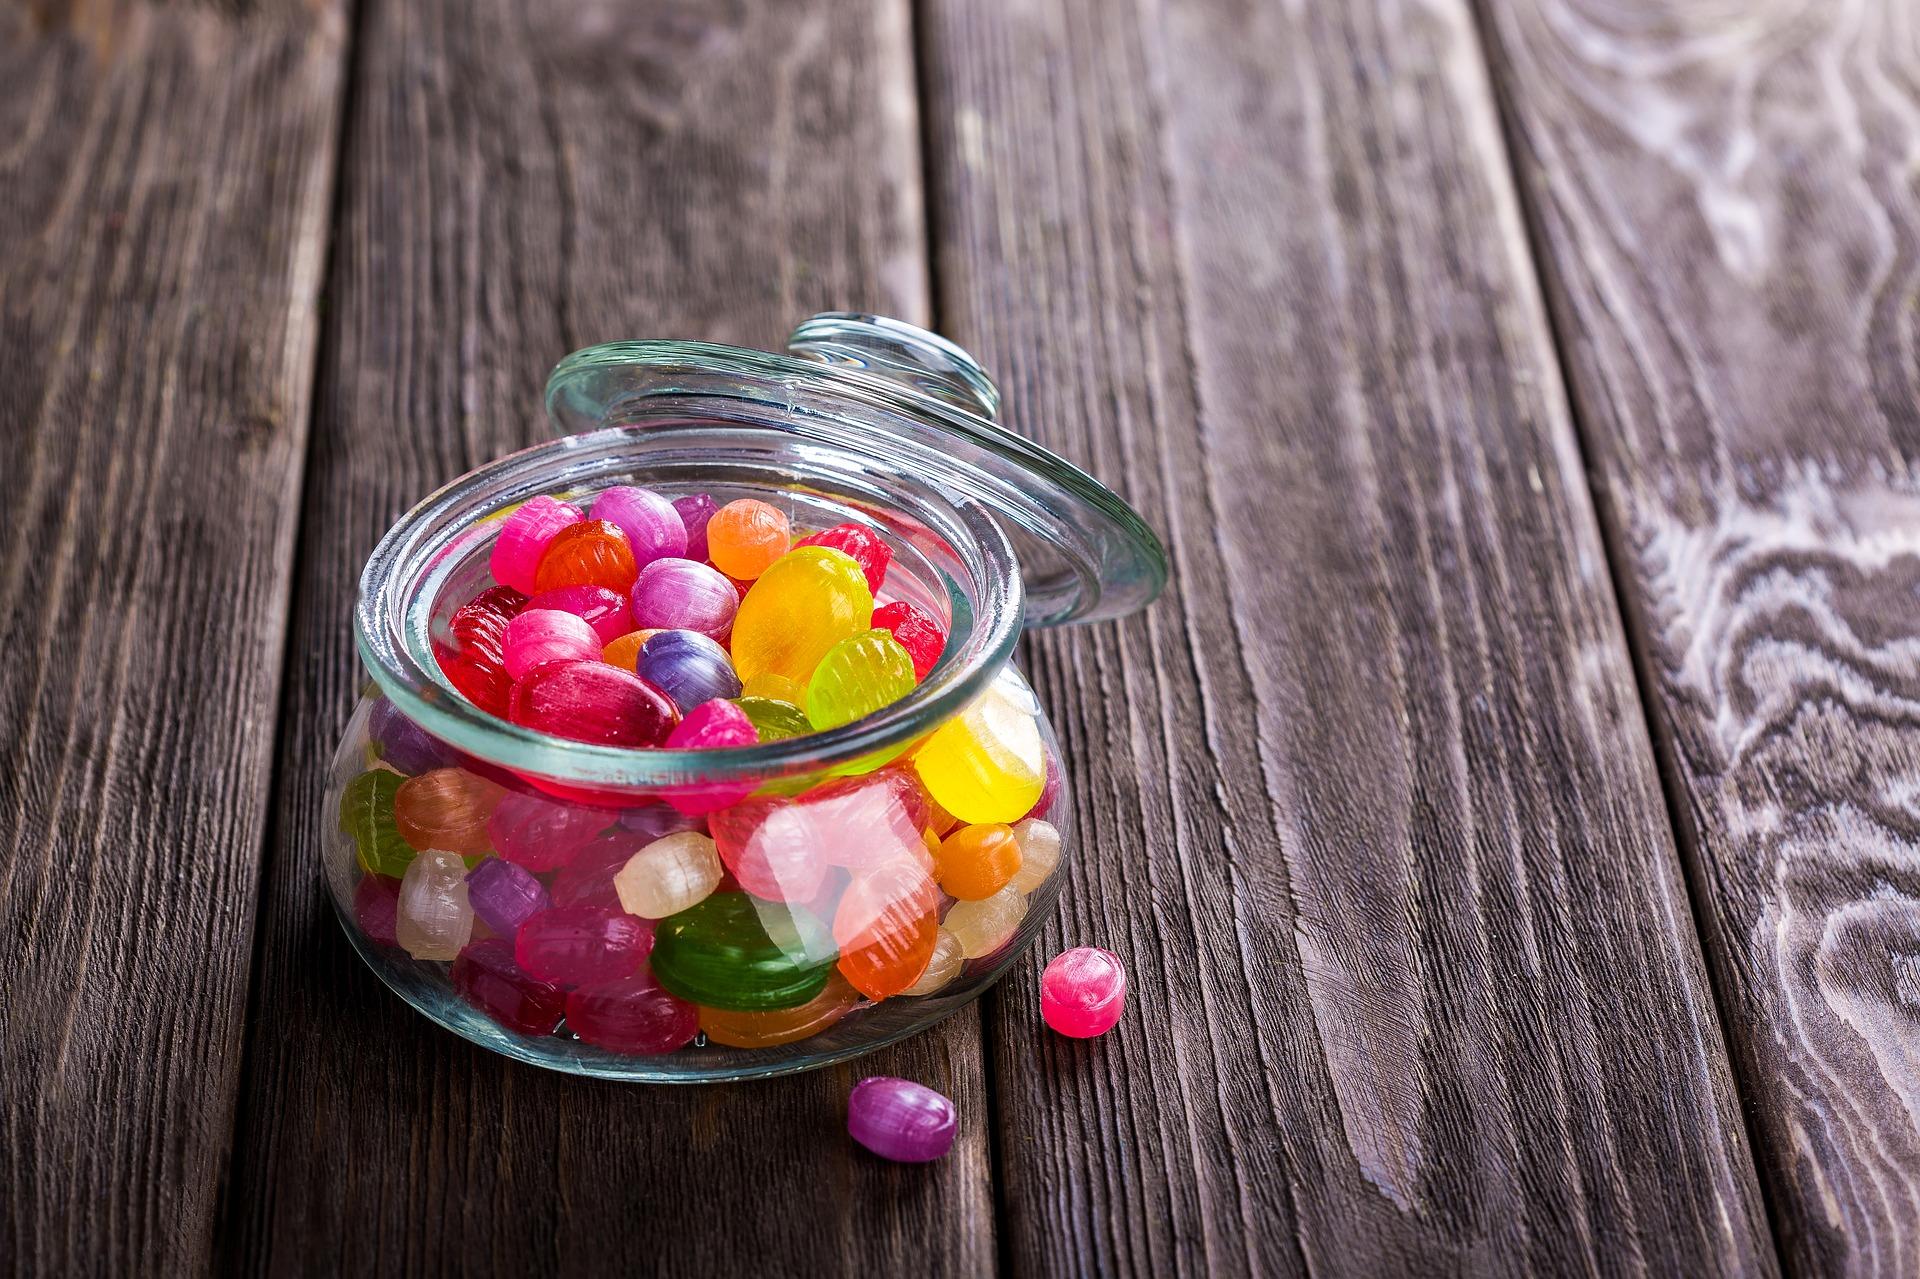 Vorsicht! Isoglukose und Glukosesirup ist in ganz vielen Süßigkeiten und anderen Nahrungsmitteln enthalten.